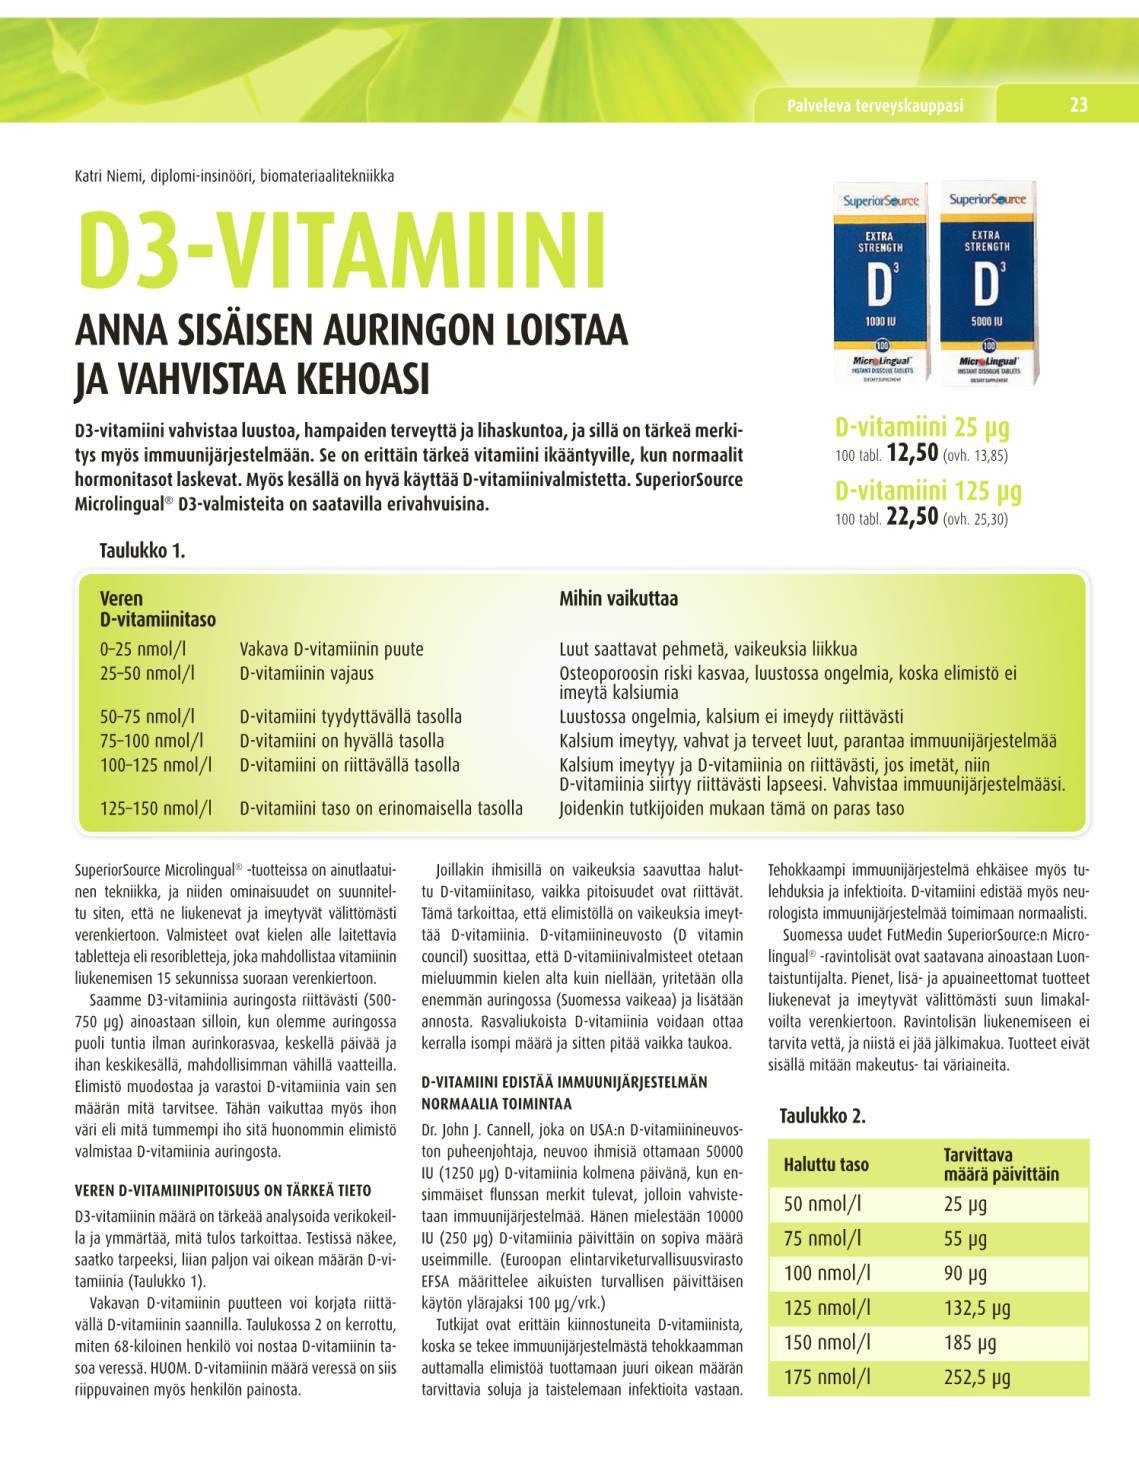 vitamiinien tärkeimmät tehtävät elimistössä